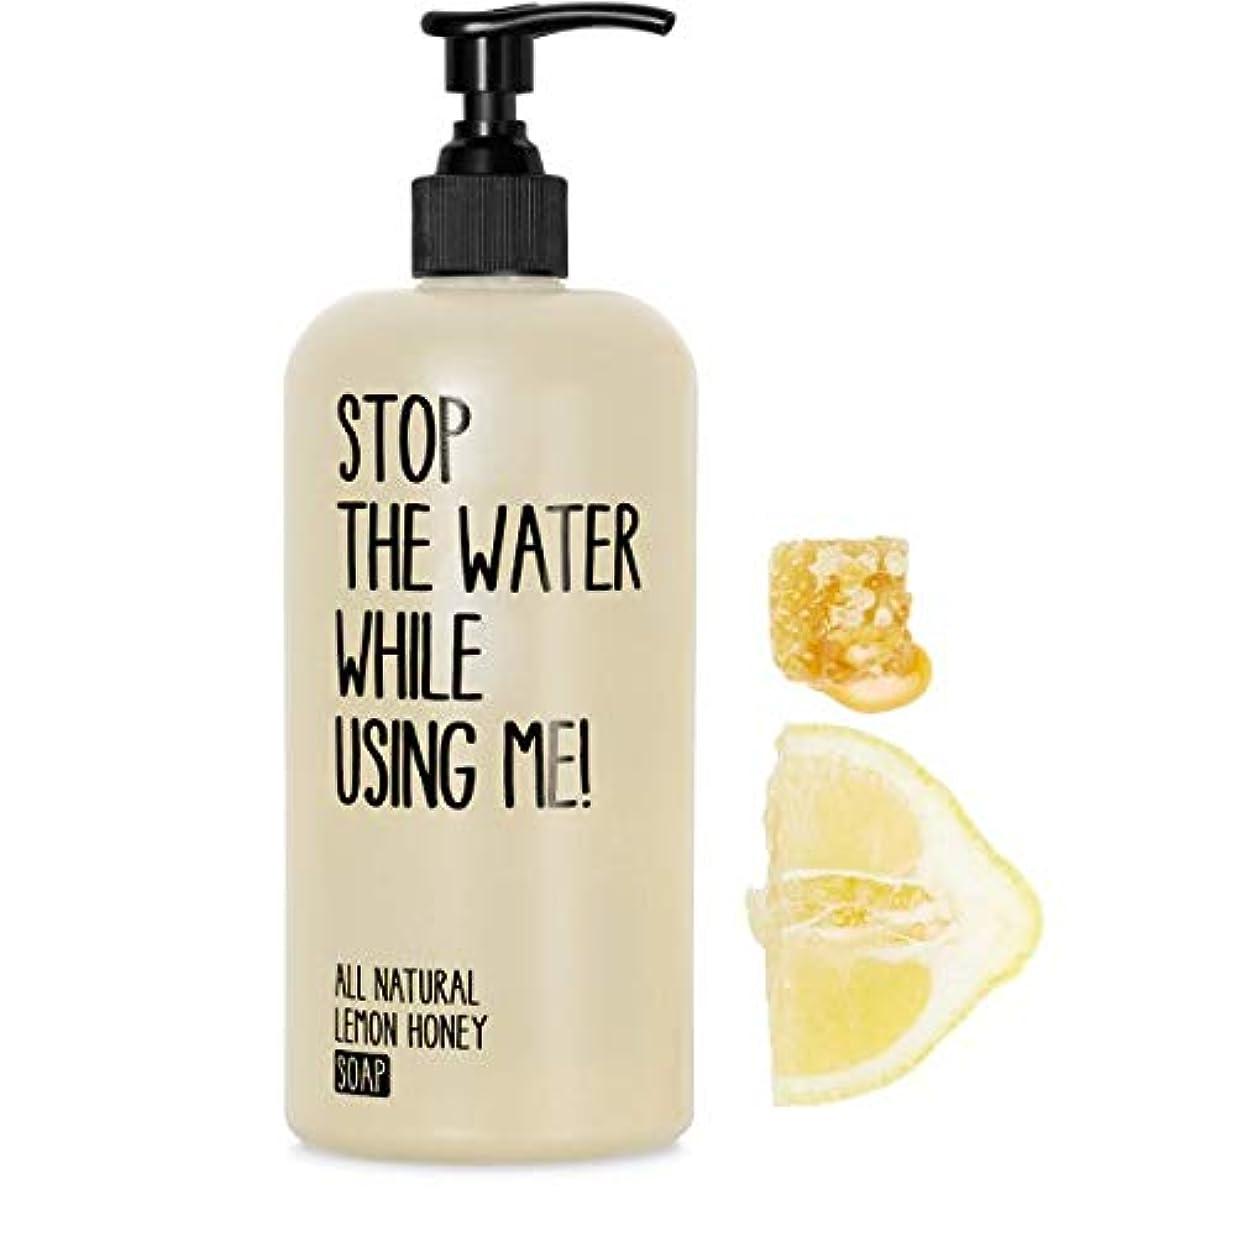 サイクロプス改修ルネッサンス【STOP THE WATER WHILE USING ME!】 L&Hソープ(レモン&ハニー) 200ml